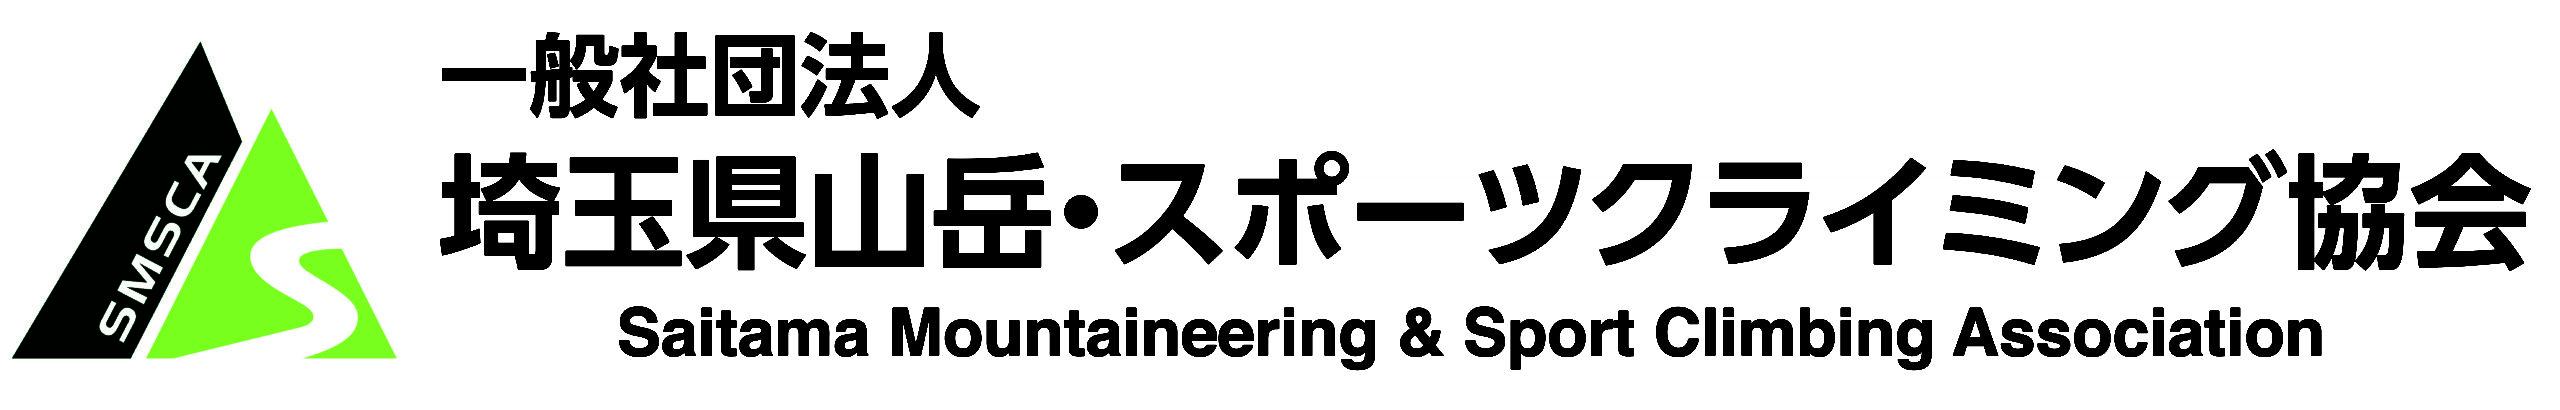 一般社団法人 埼玉県山岳・スポーツクライミング協会